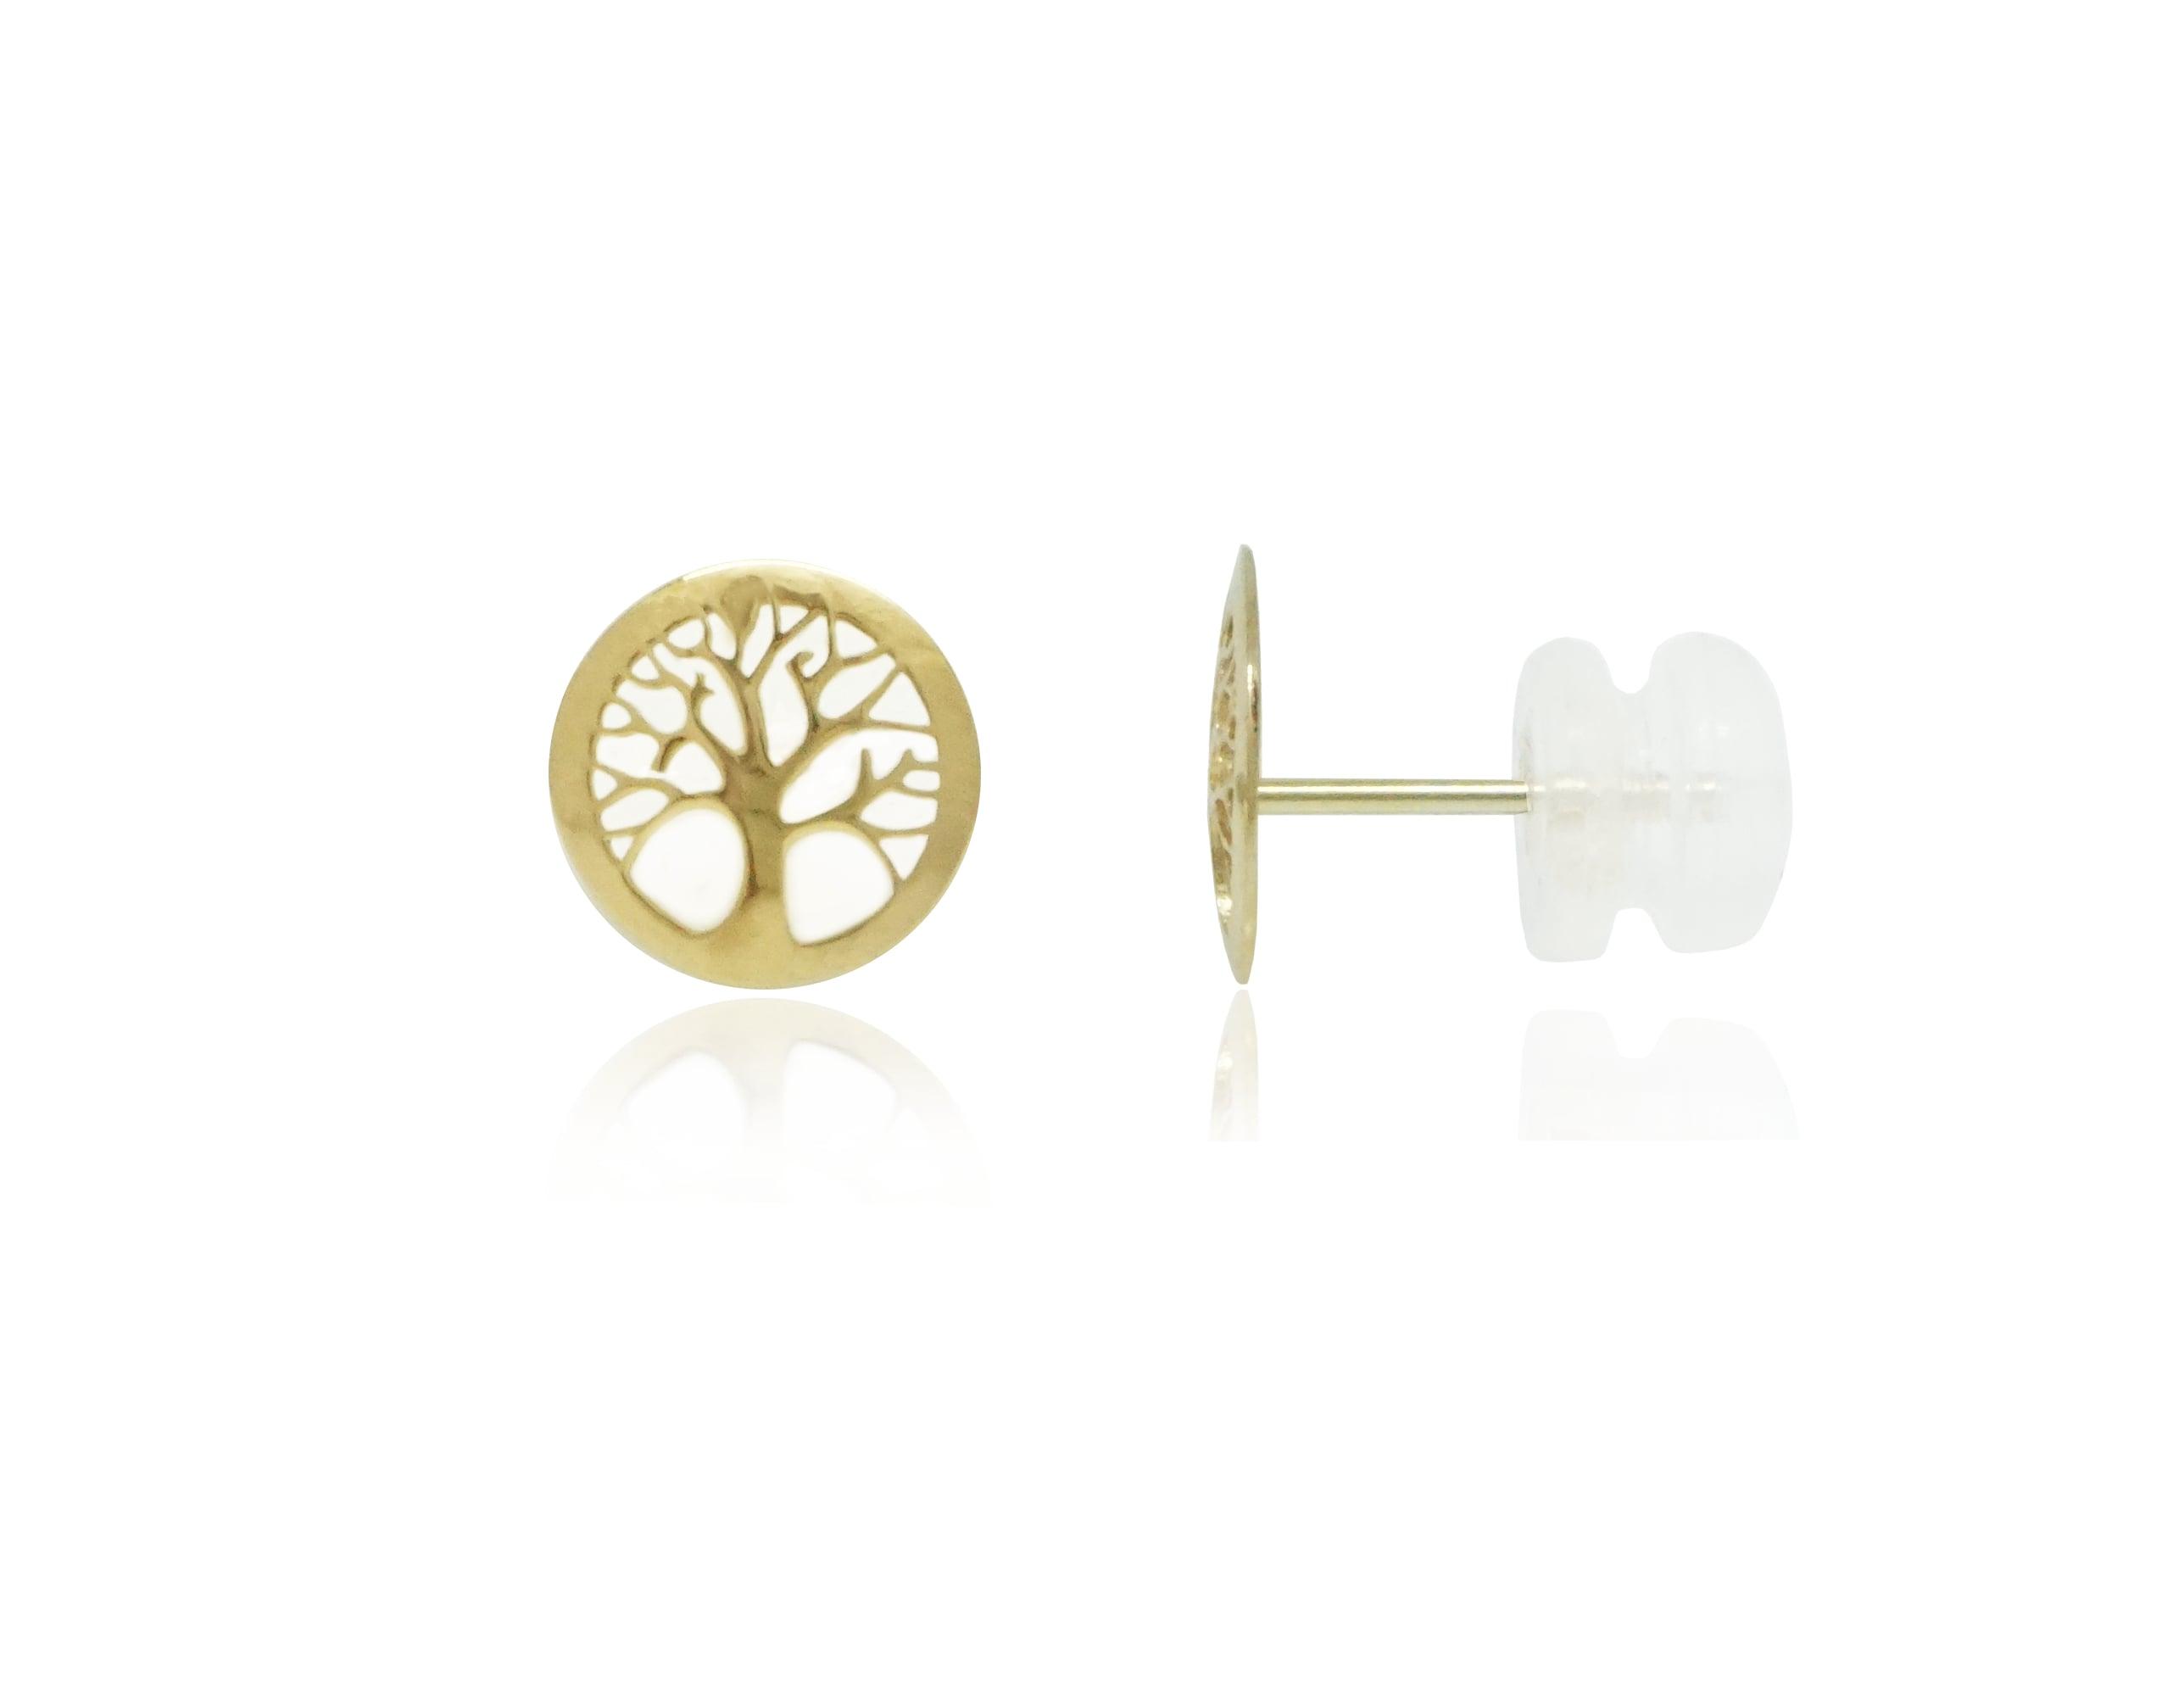 עגילי זהב צמודים לאוזן סגנון עץ החיים עשויים 14 קרט